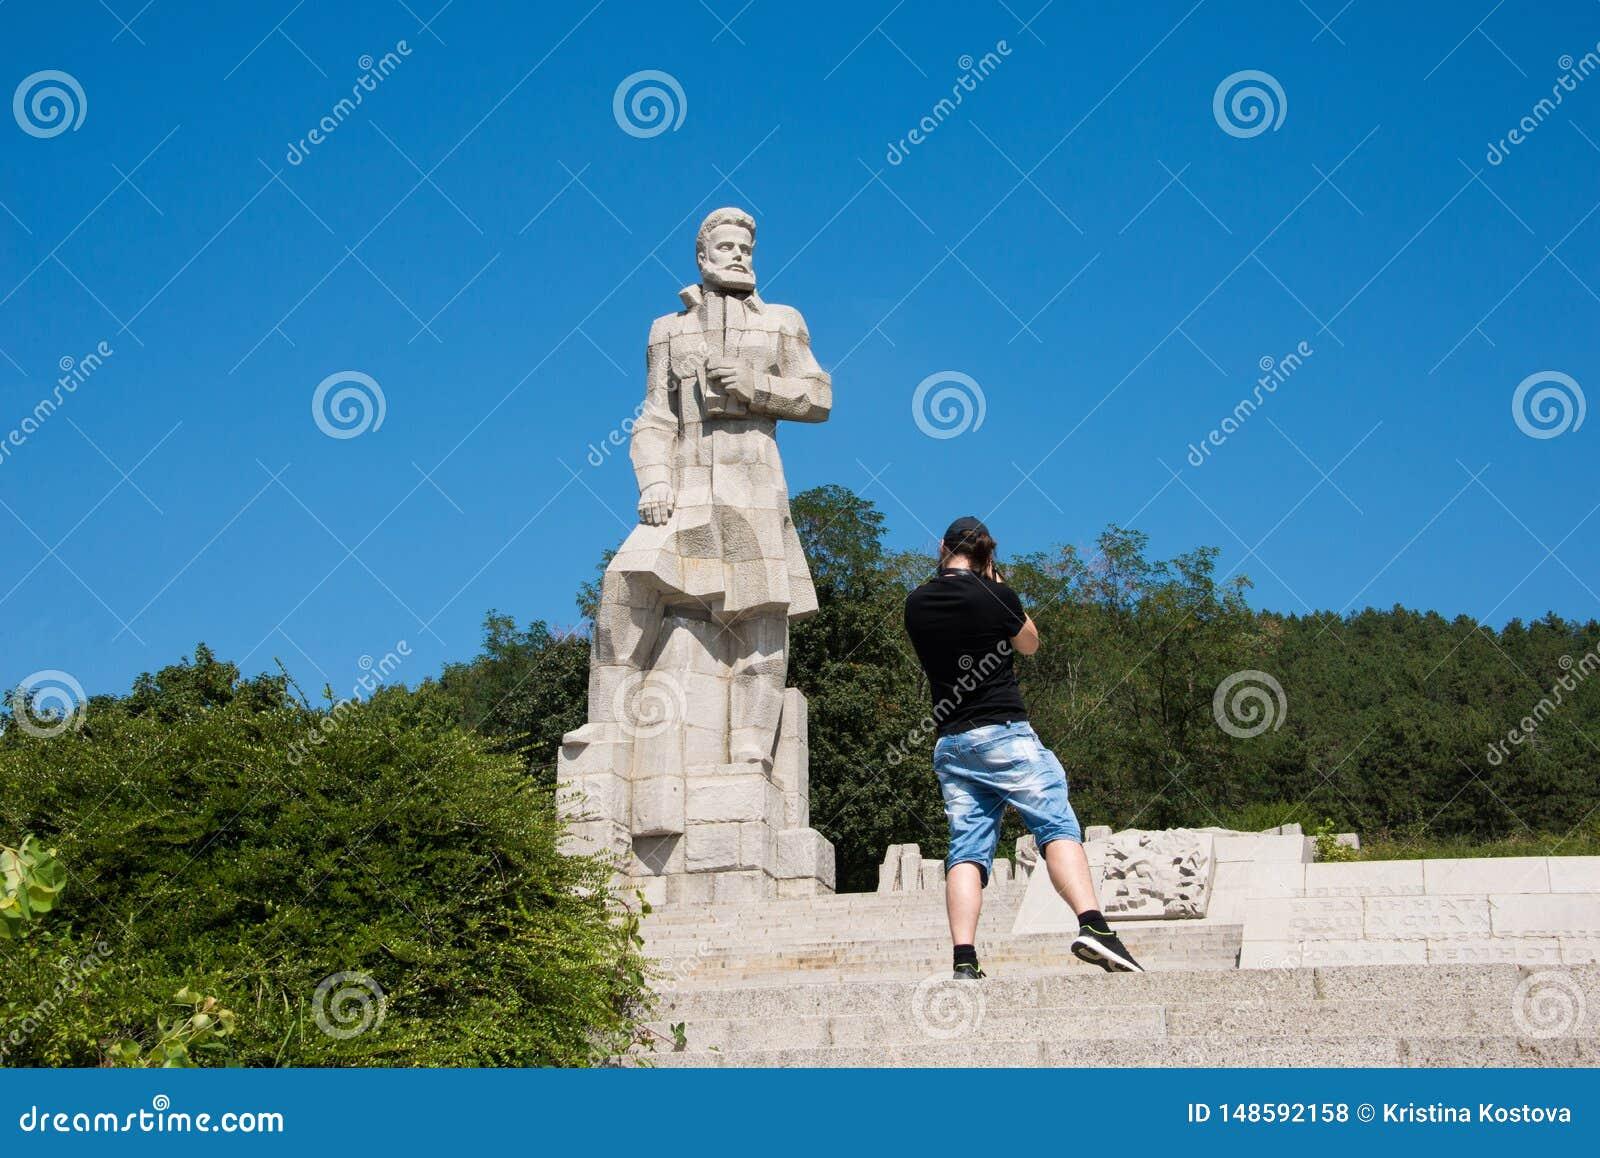 Ο φωτογράφος παίρνει τις φωτογραφίες του μνημείου Hristo Botev στην πόλη Kalofer στη Βουλγαρία